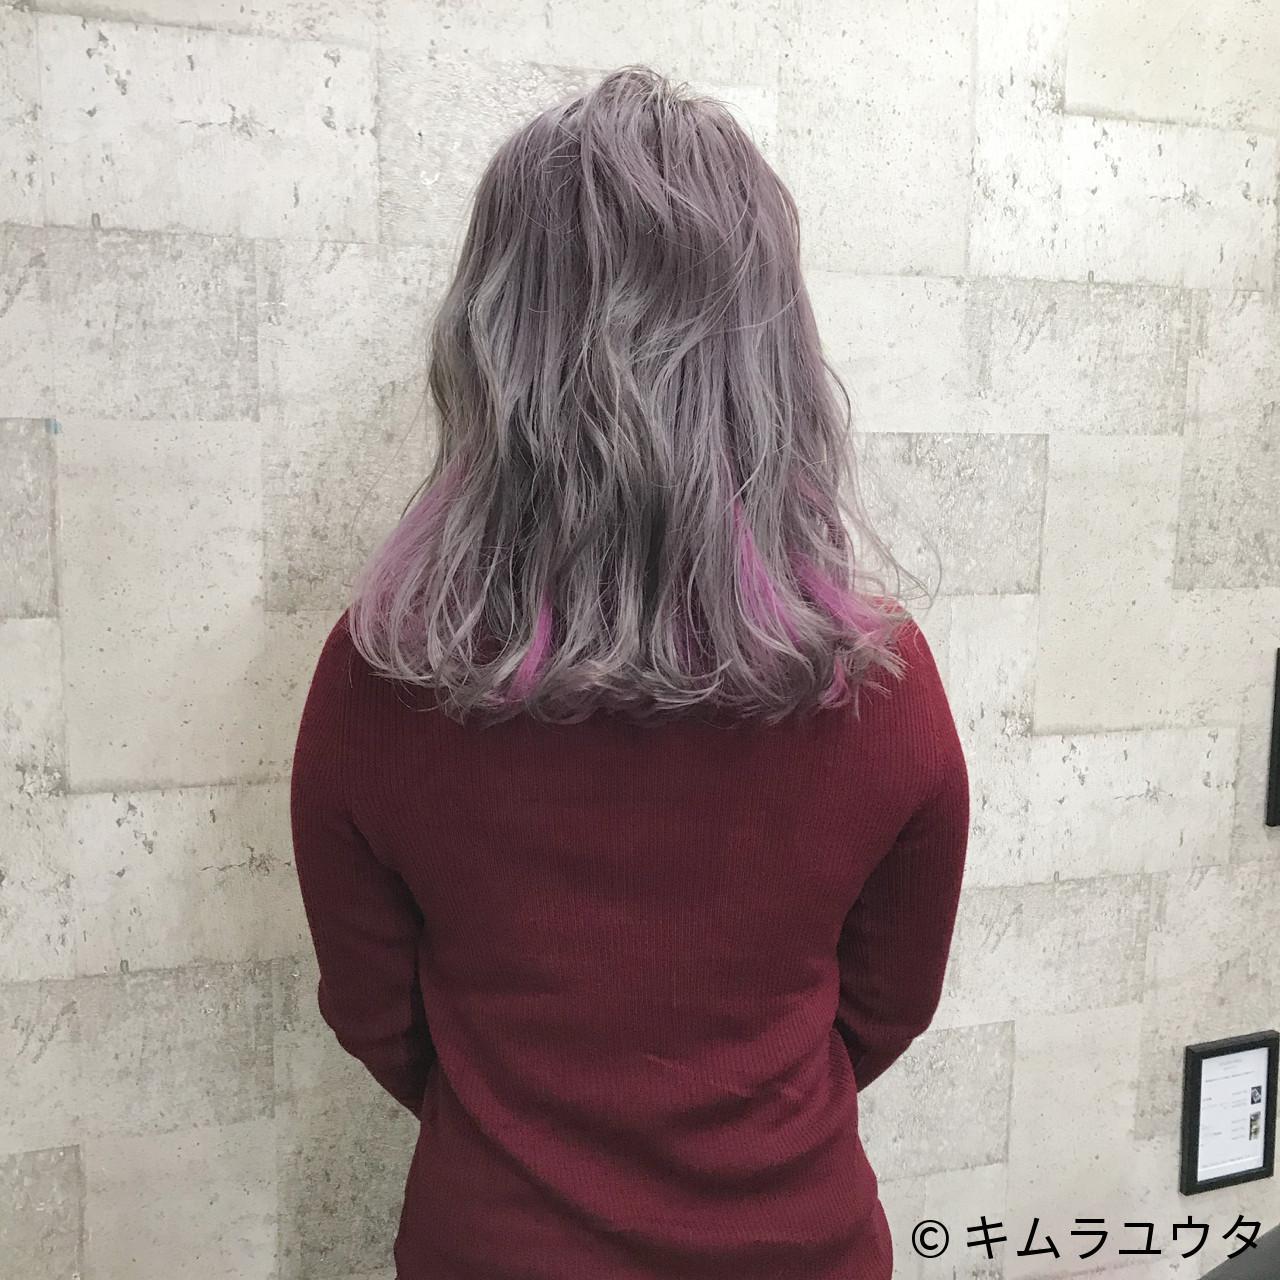 ブリーチをした髪色にエンシェールズの「エンシェールズ カラーバター」のチェリーピンクを入れると、パープルよりのピンクの髪色に。  ブリーチをして白金まで髪色を